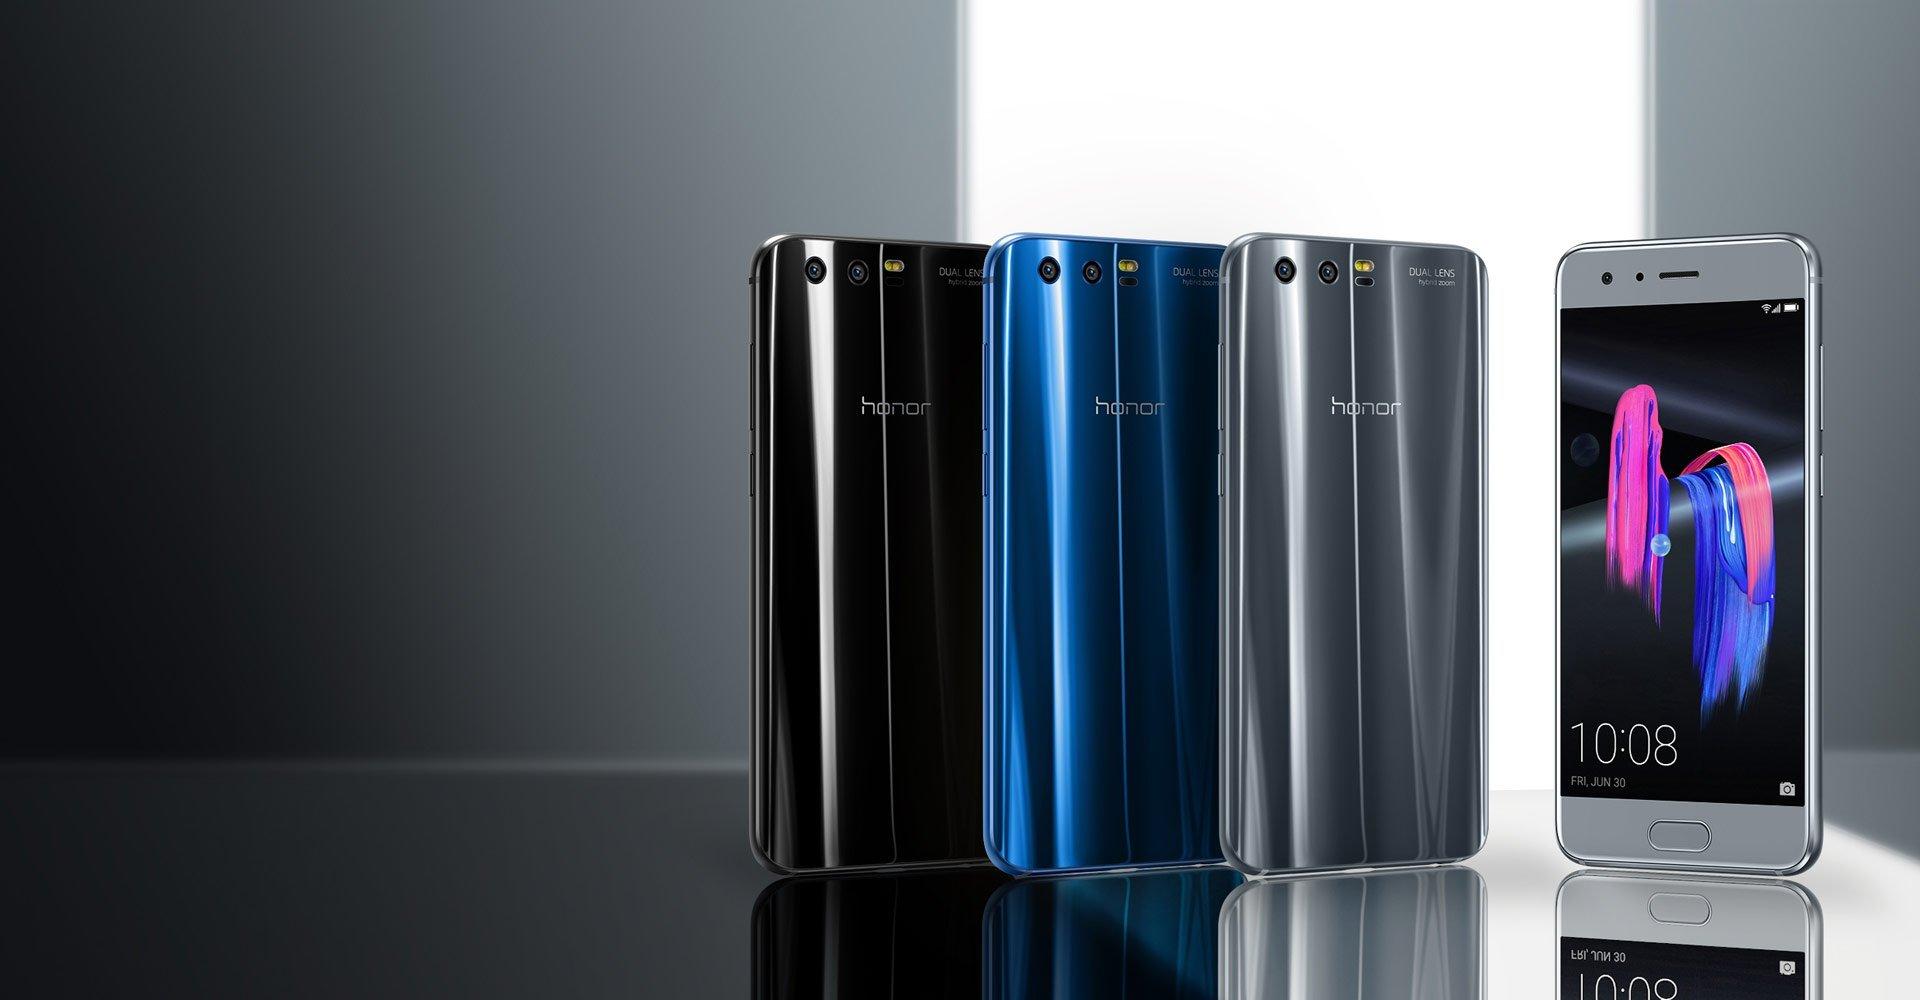 Китайский смартфон обошел iPhone поколичеству продаж в Российской Федерации